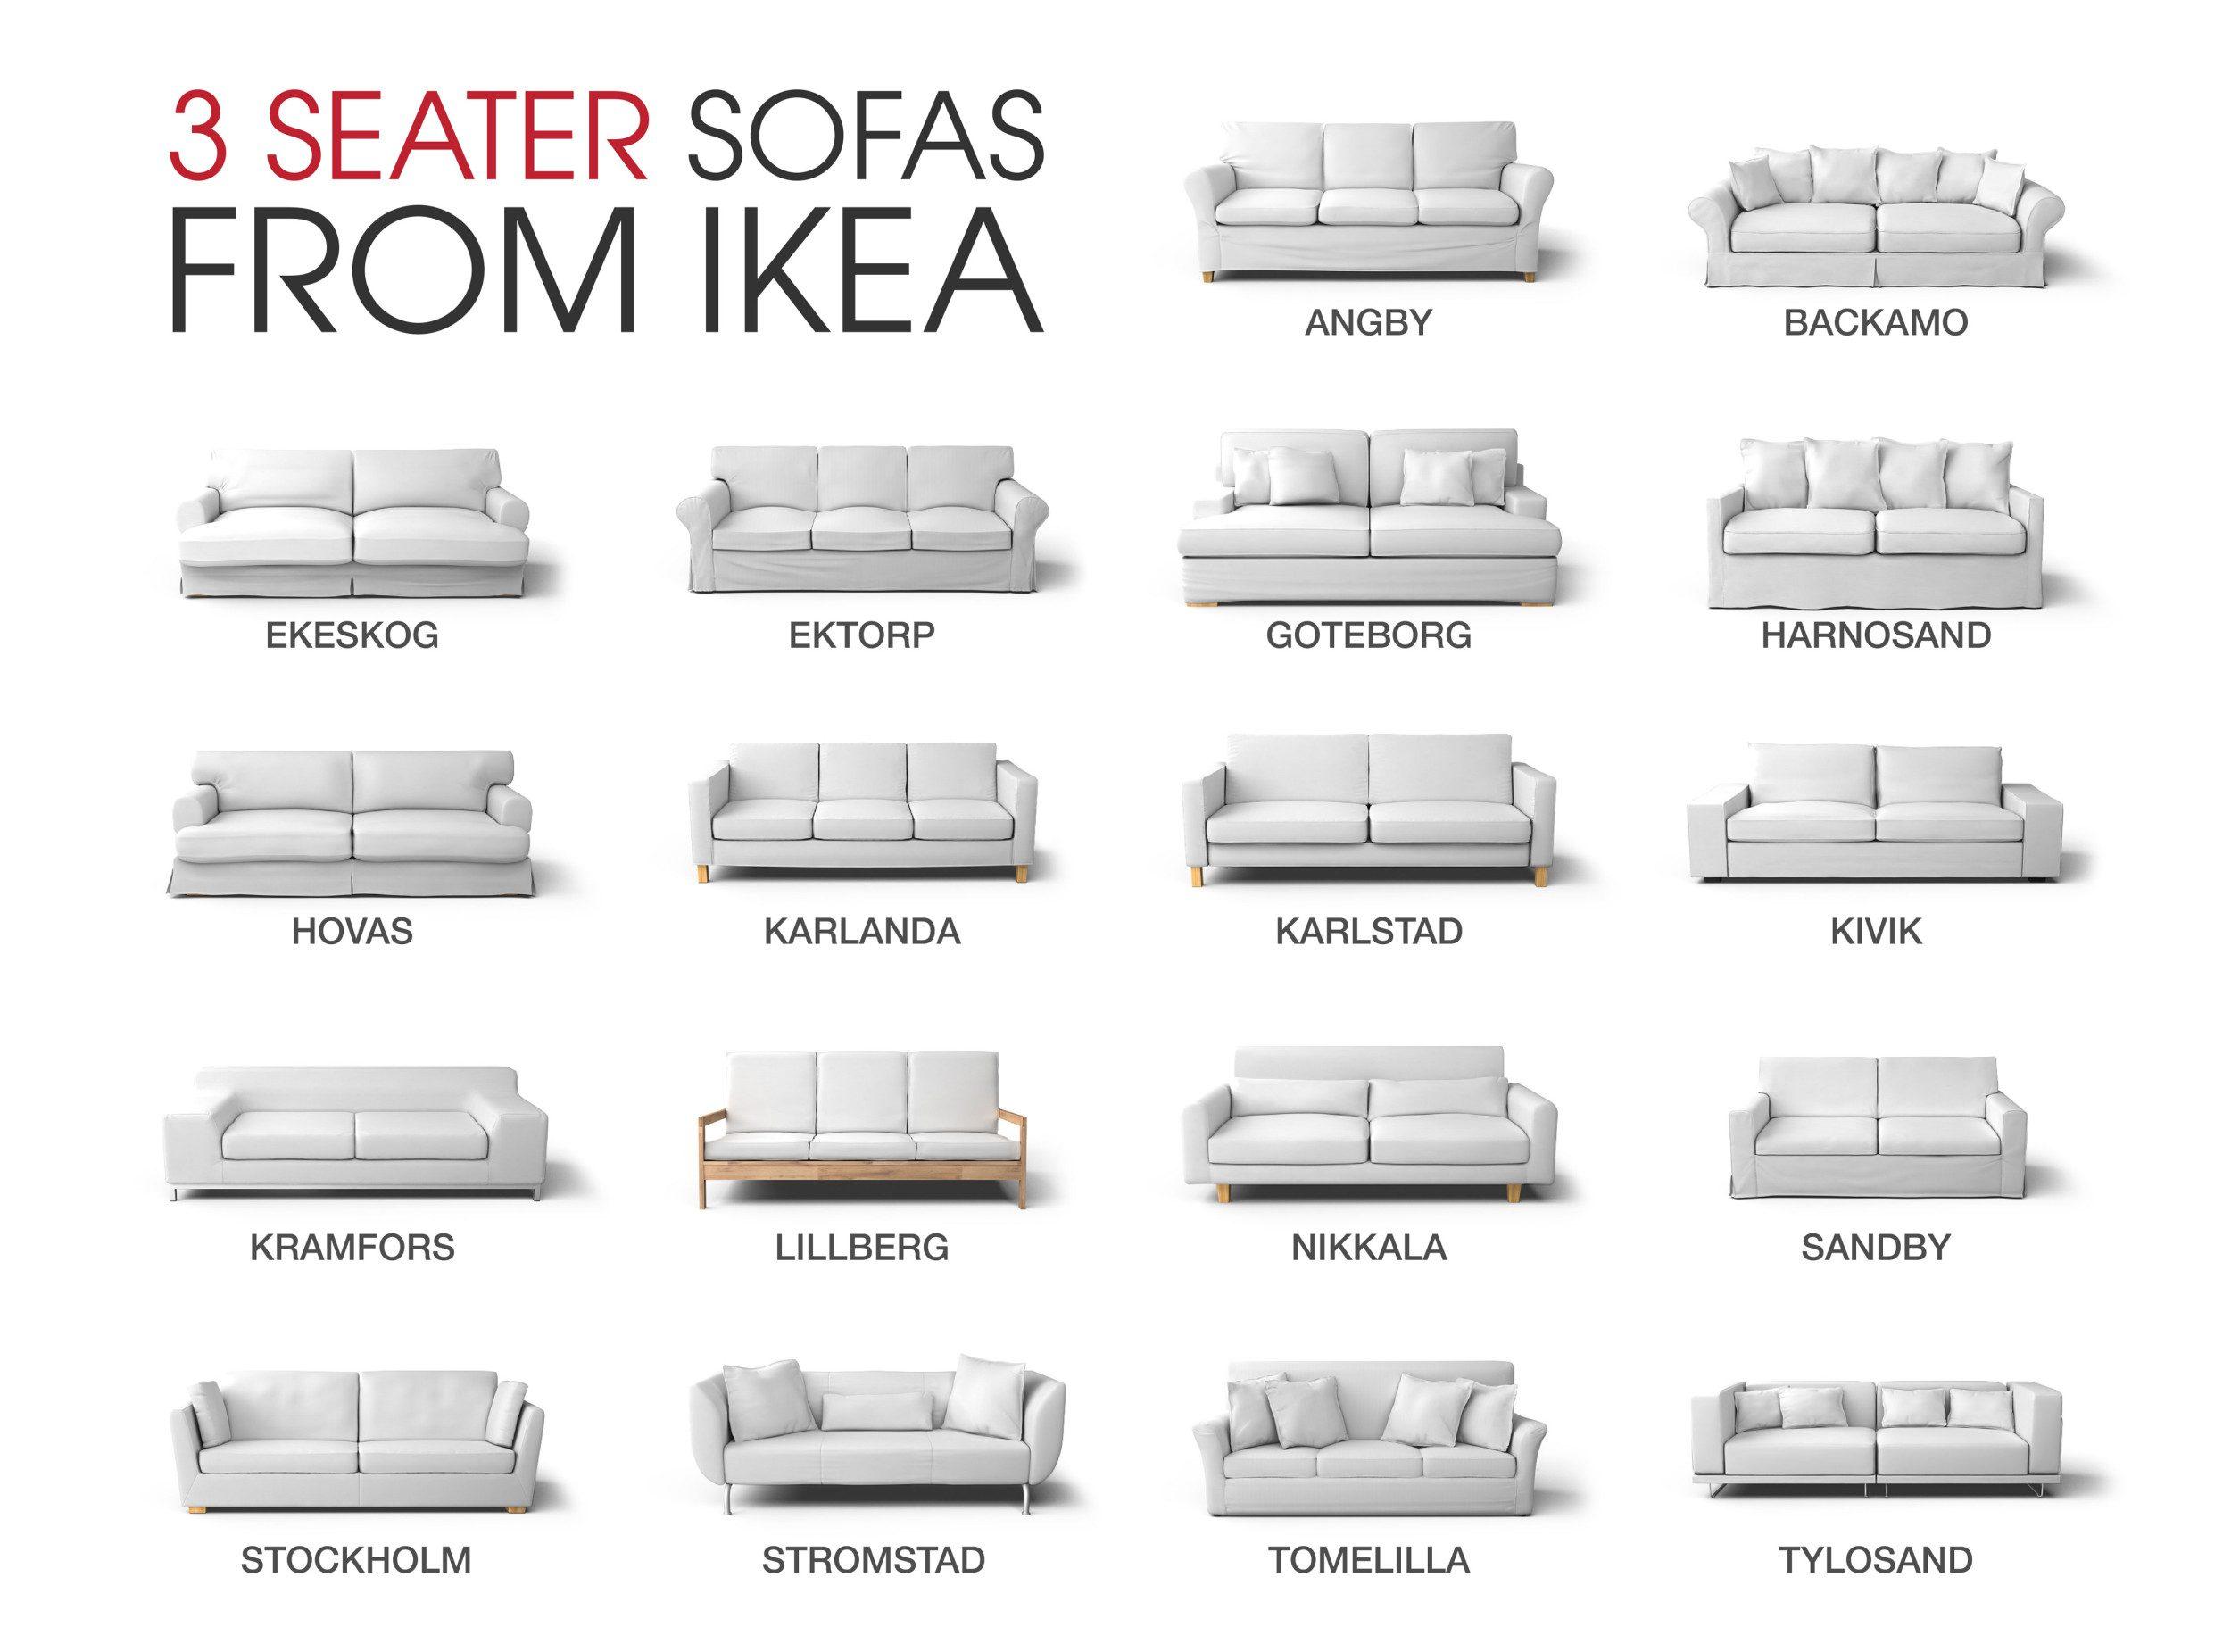 Che divano IKEA a 3 posti è?